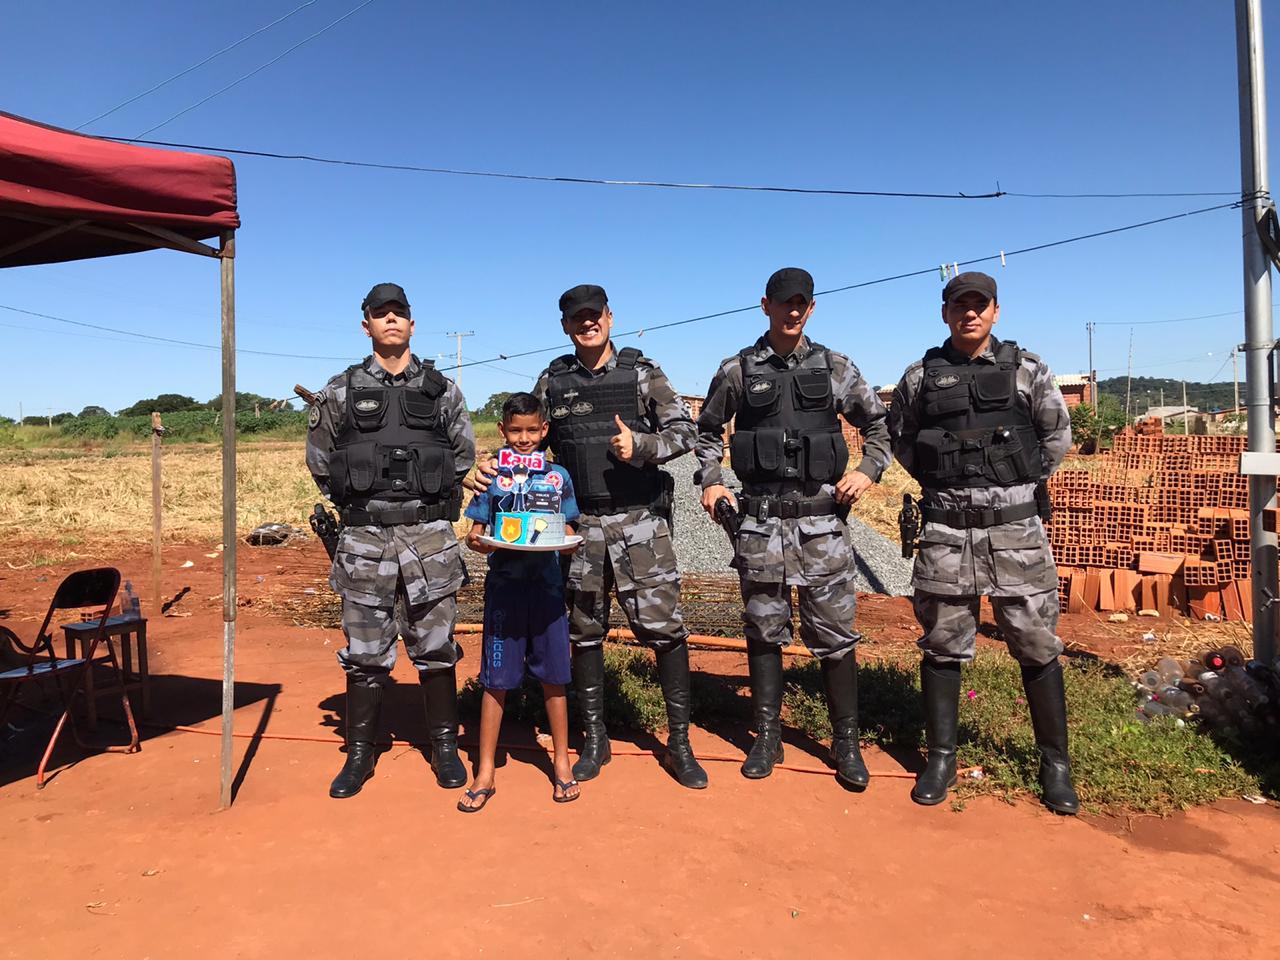 menino Kauã com policiais em Trindade (GO)